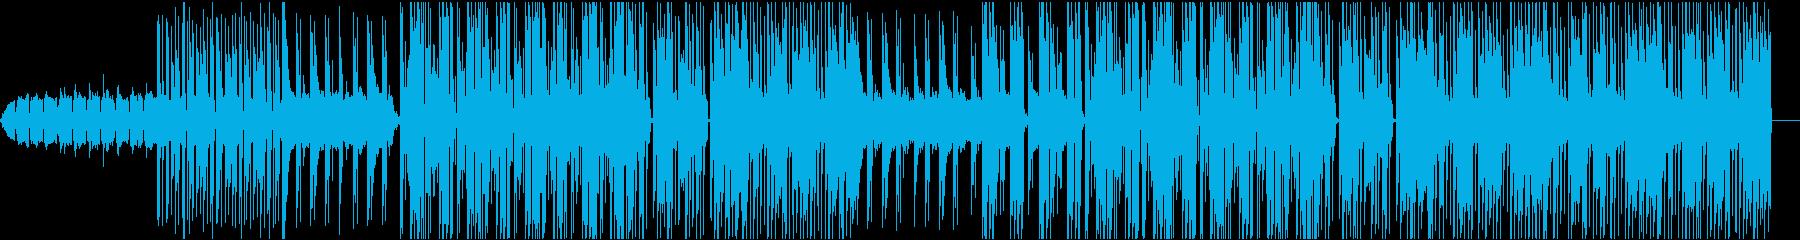 チルアウト、トラップ、シンセ、エレクトロの再生済みの波形